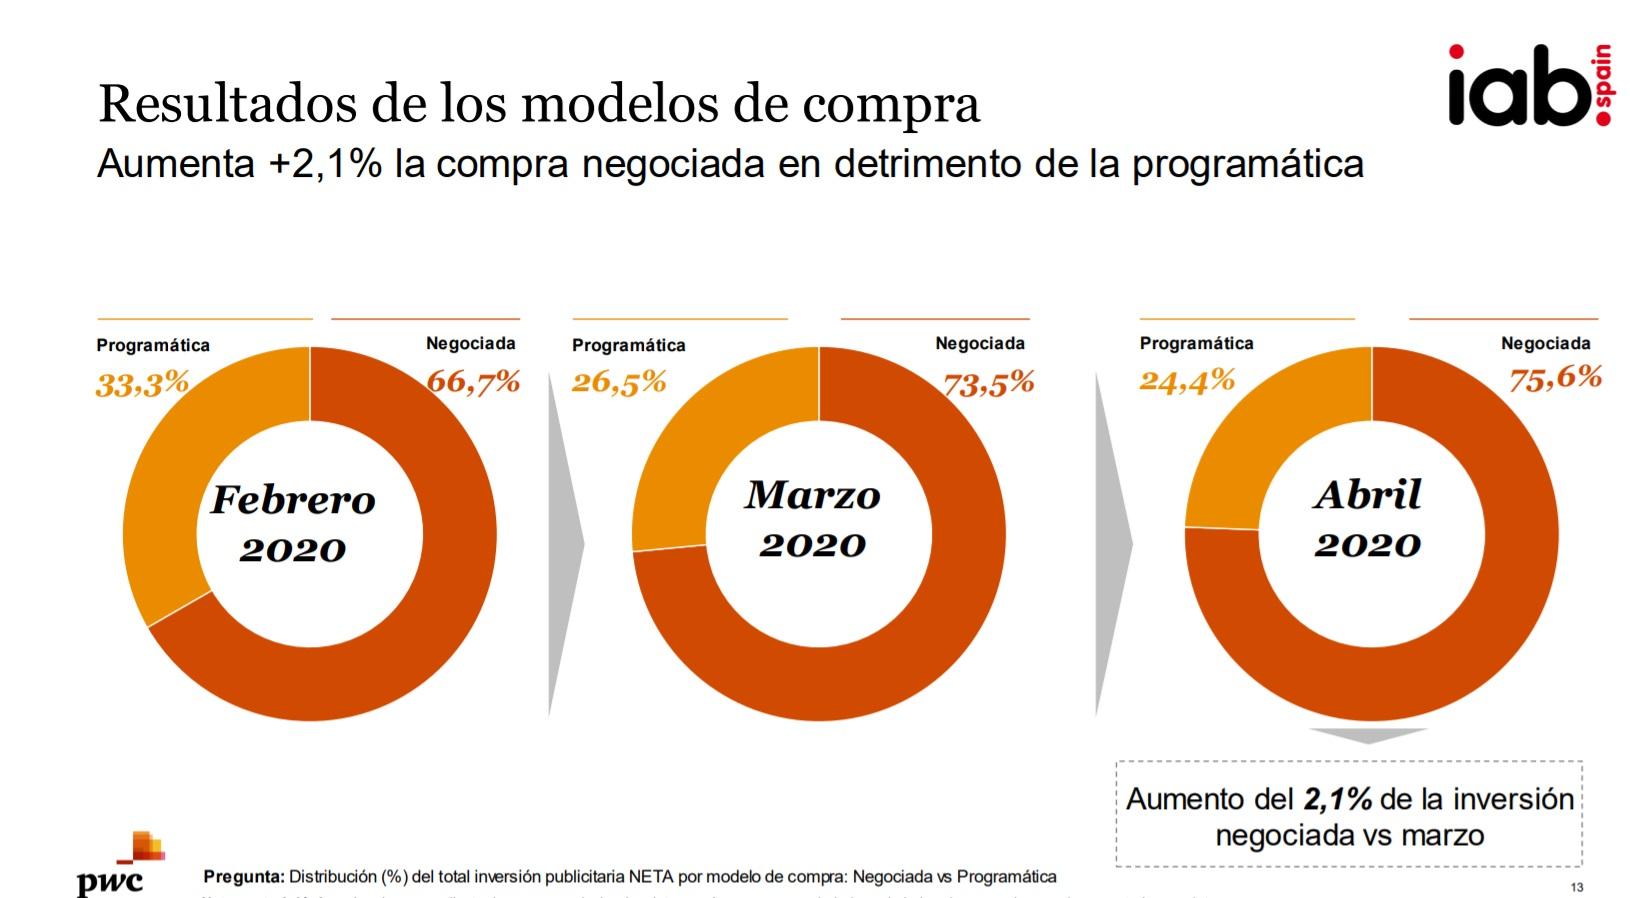 https://www.programapublicidad.com/wp-content/uploads/2020/05/iab-sectores-digital-modelos-de-compra-programatica-inversión-estado-de-alarma-programapublicidad.jpg